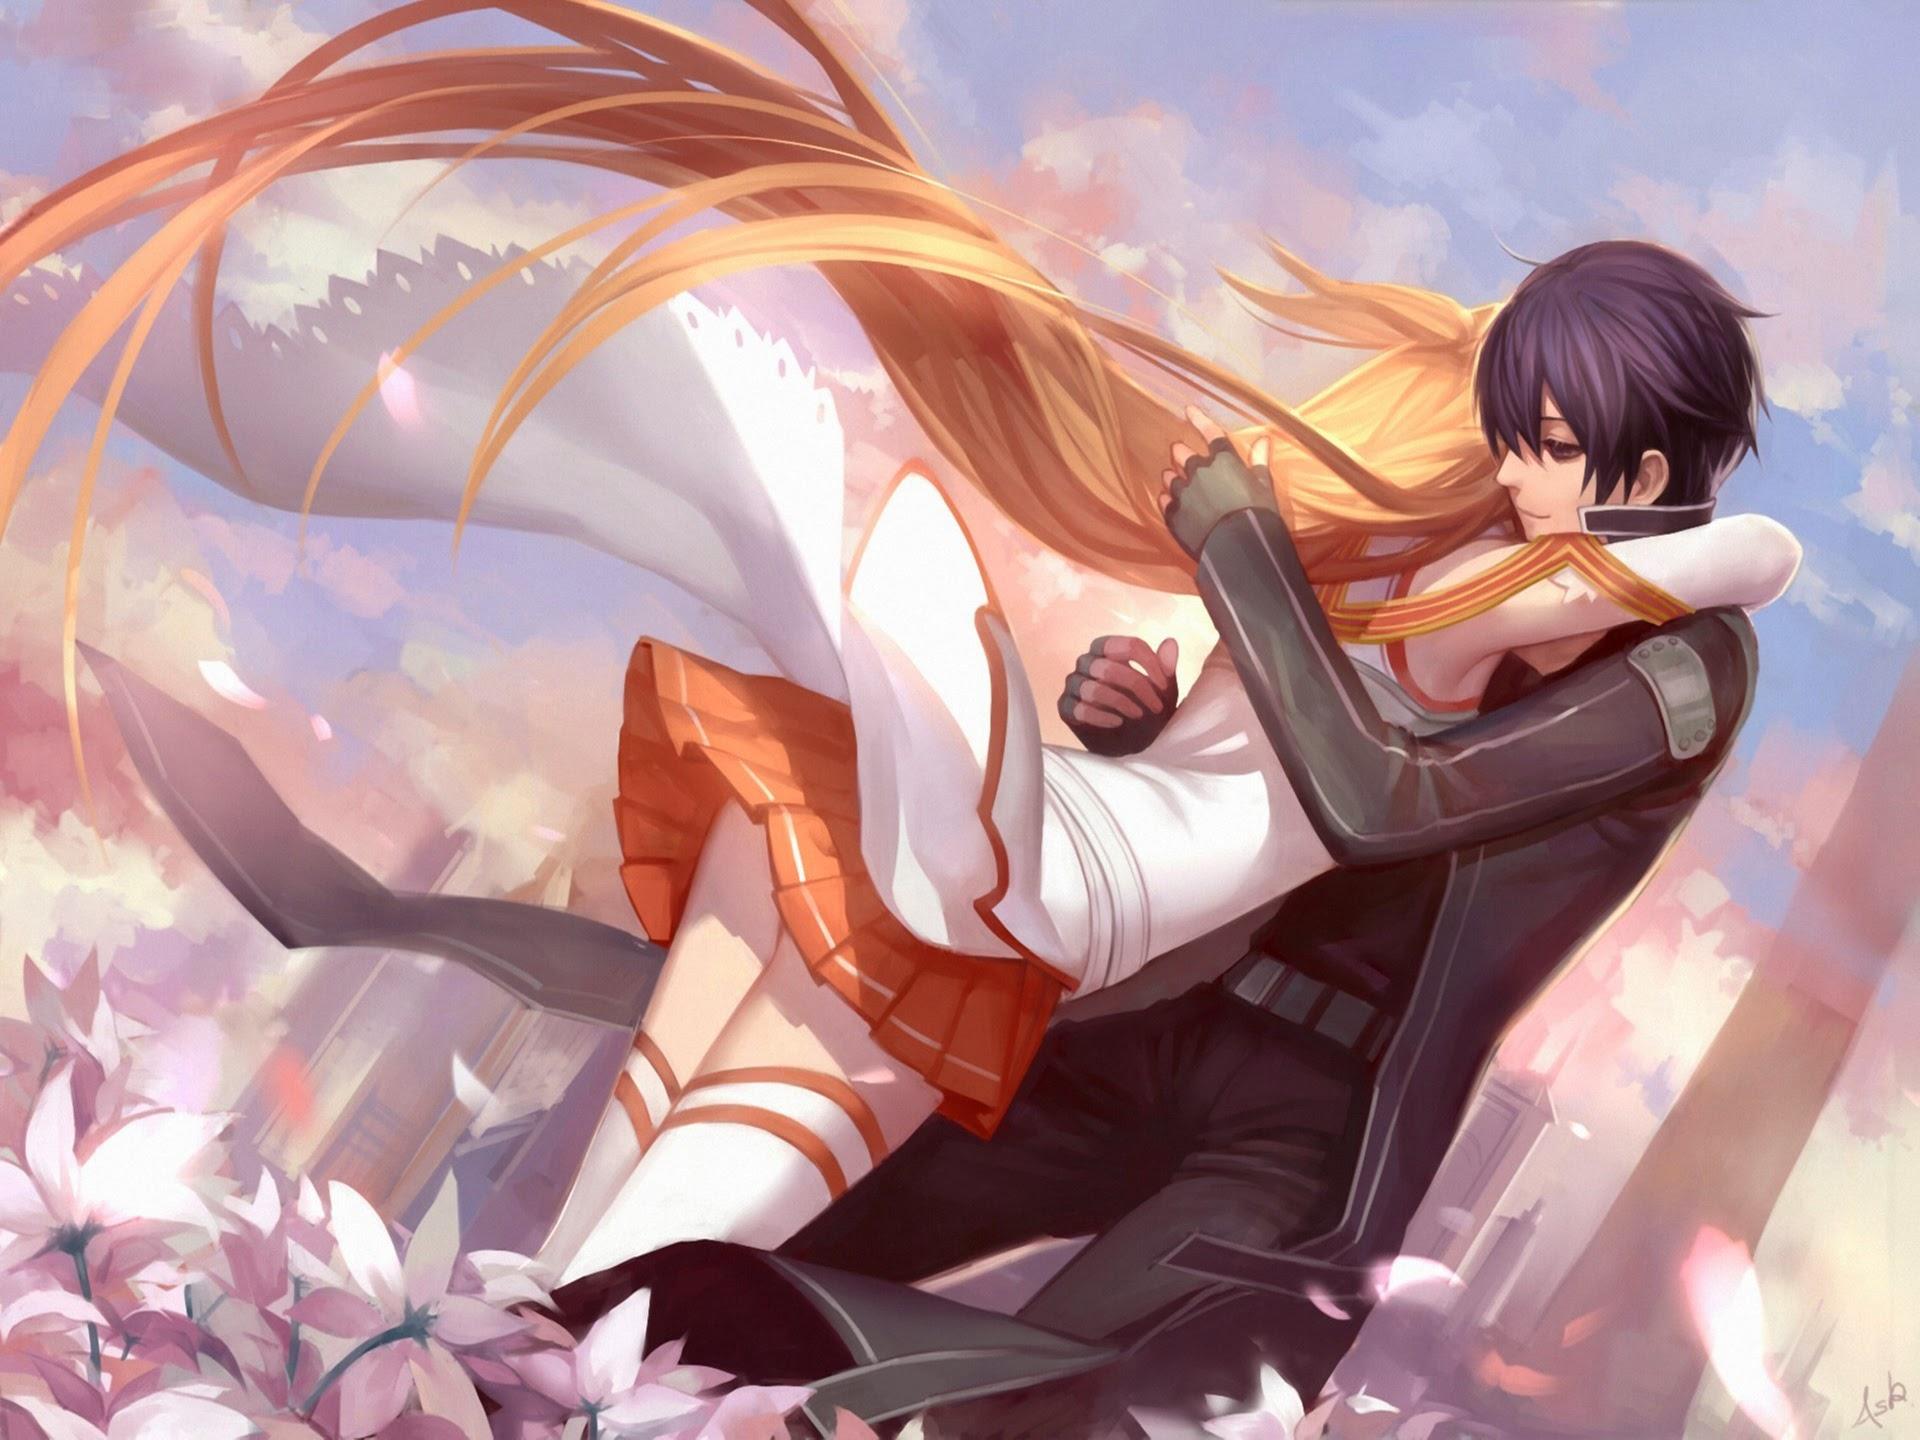 hug anime couple hd wallpaper m9themes.html